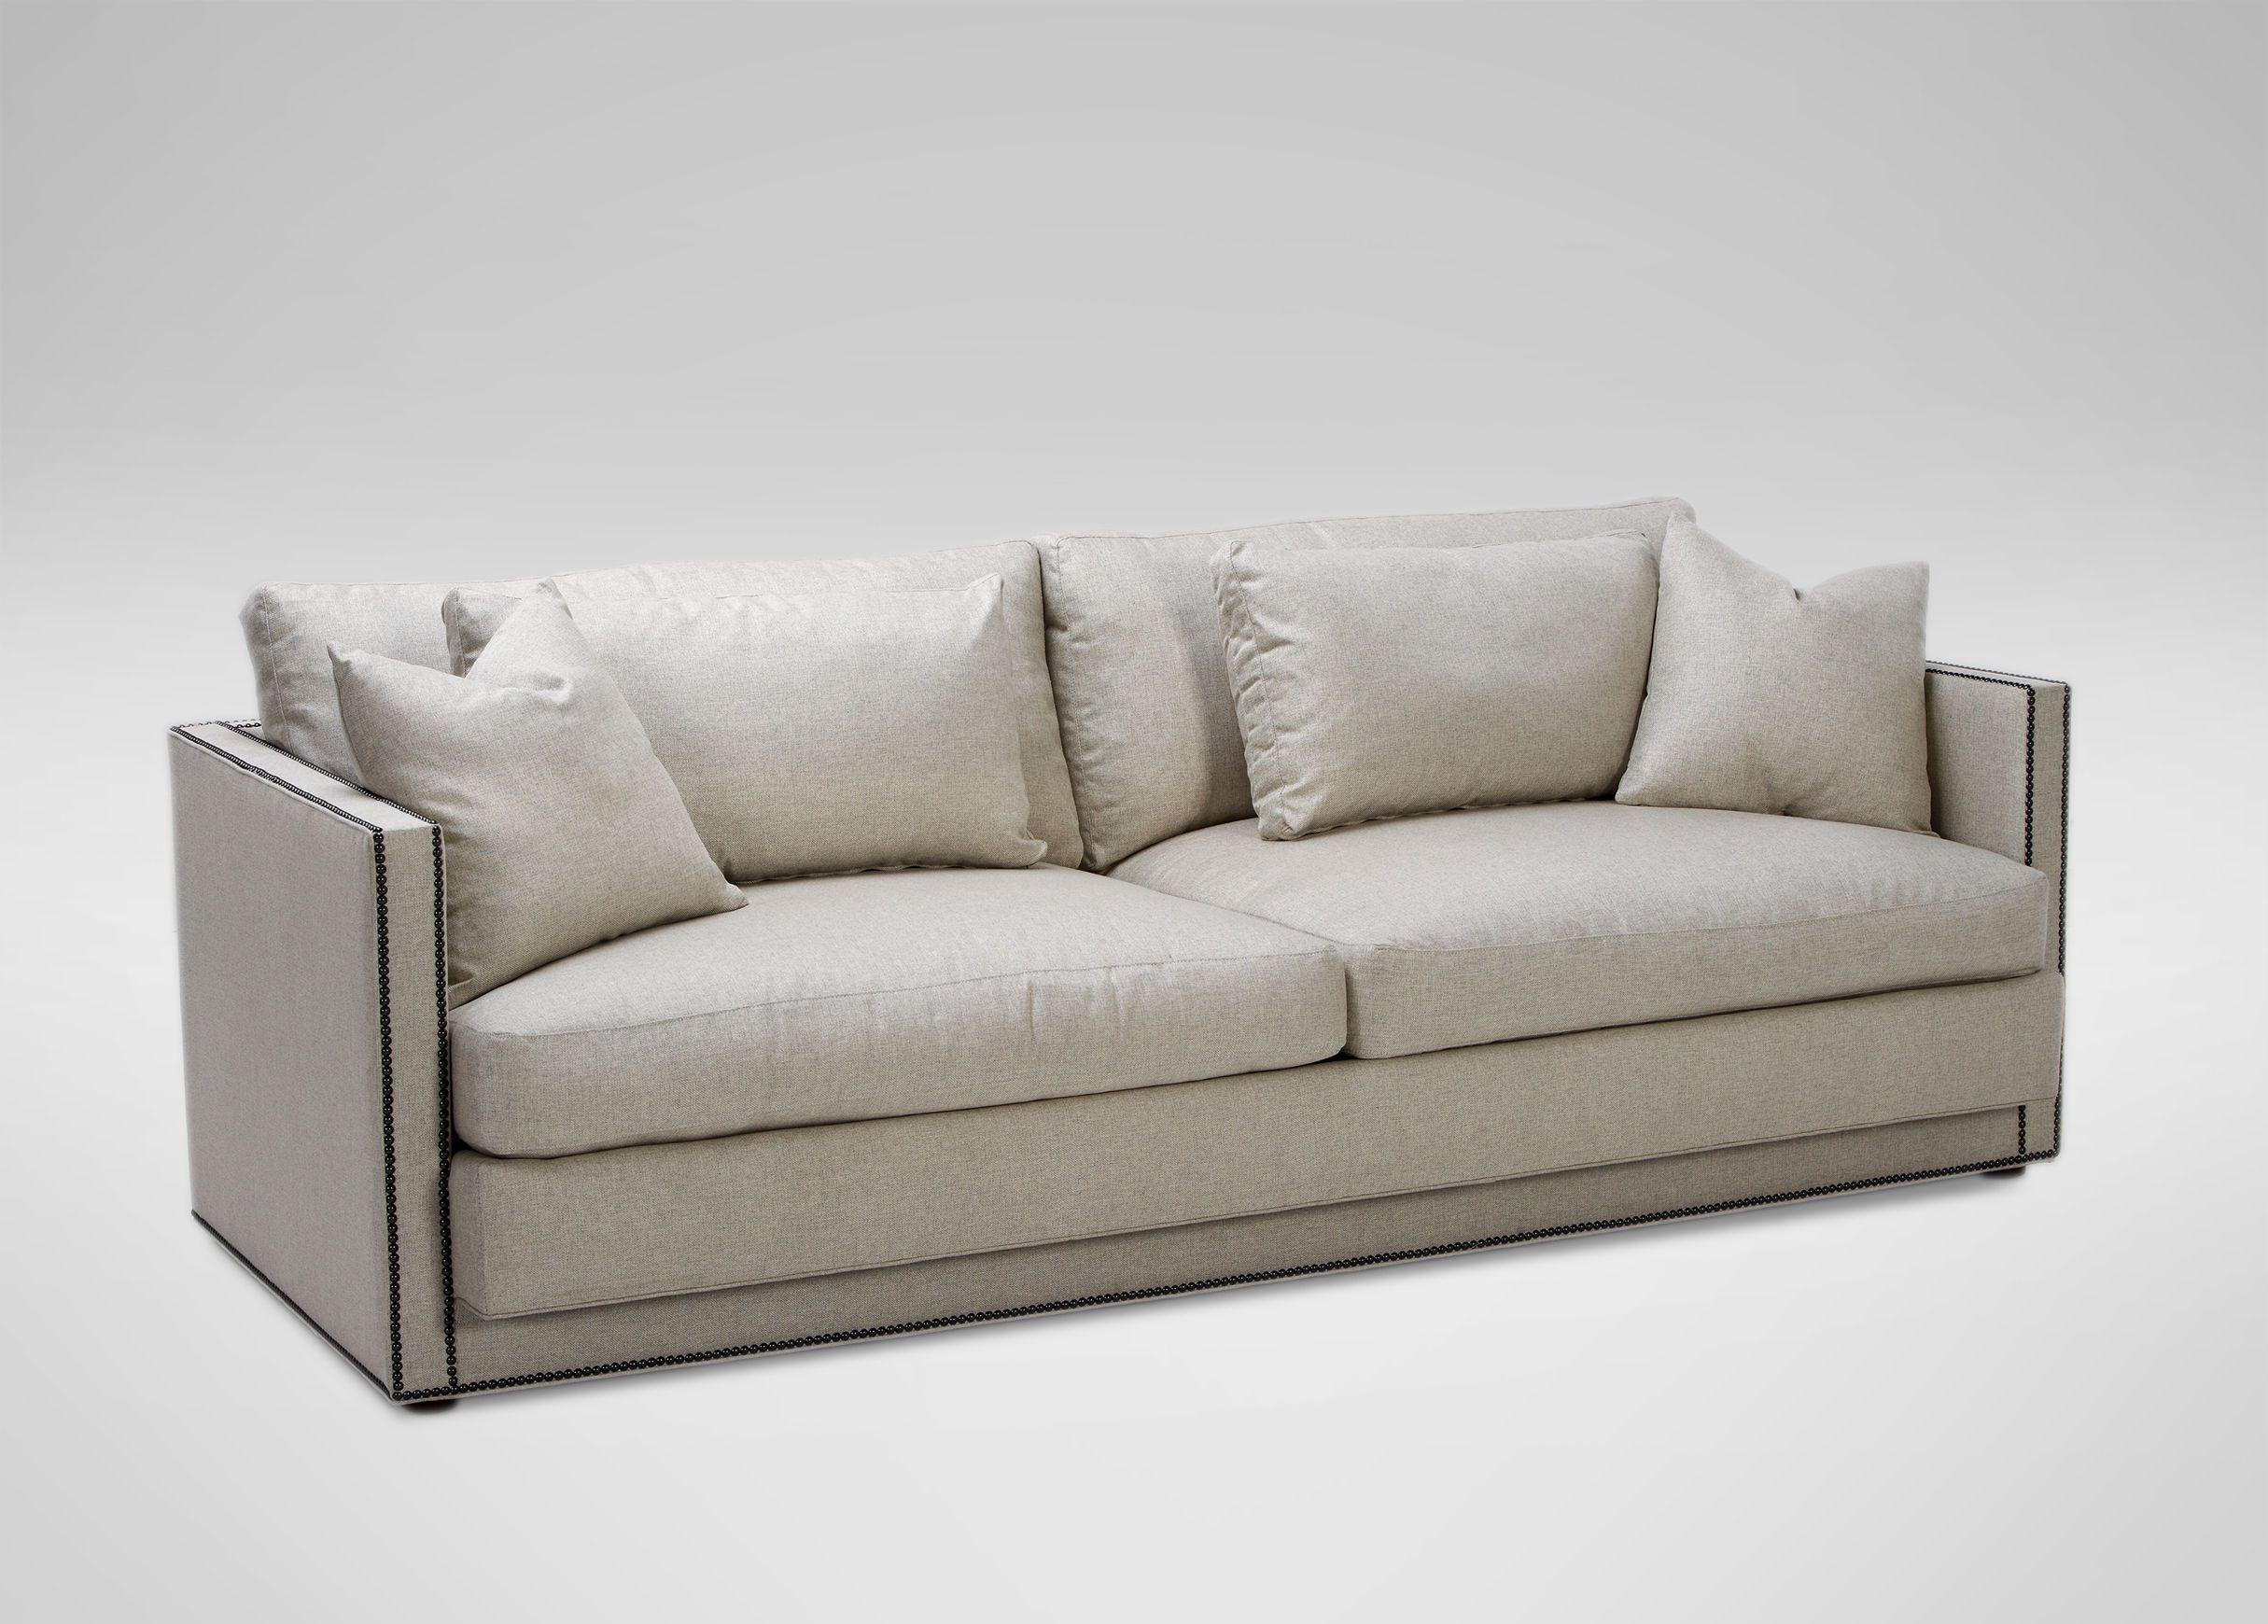 Abington Sofa Reede Linen Ethan Allen Us Sofas Sofa